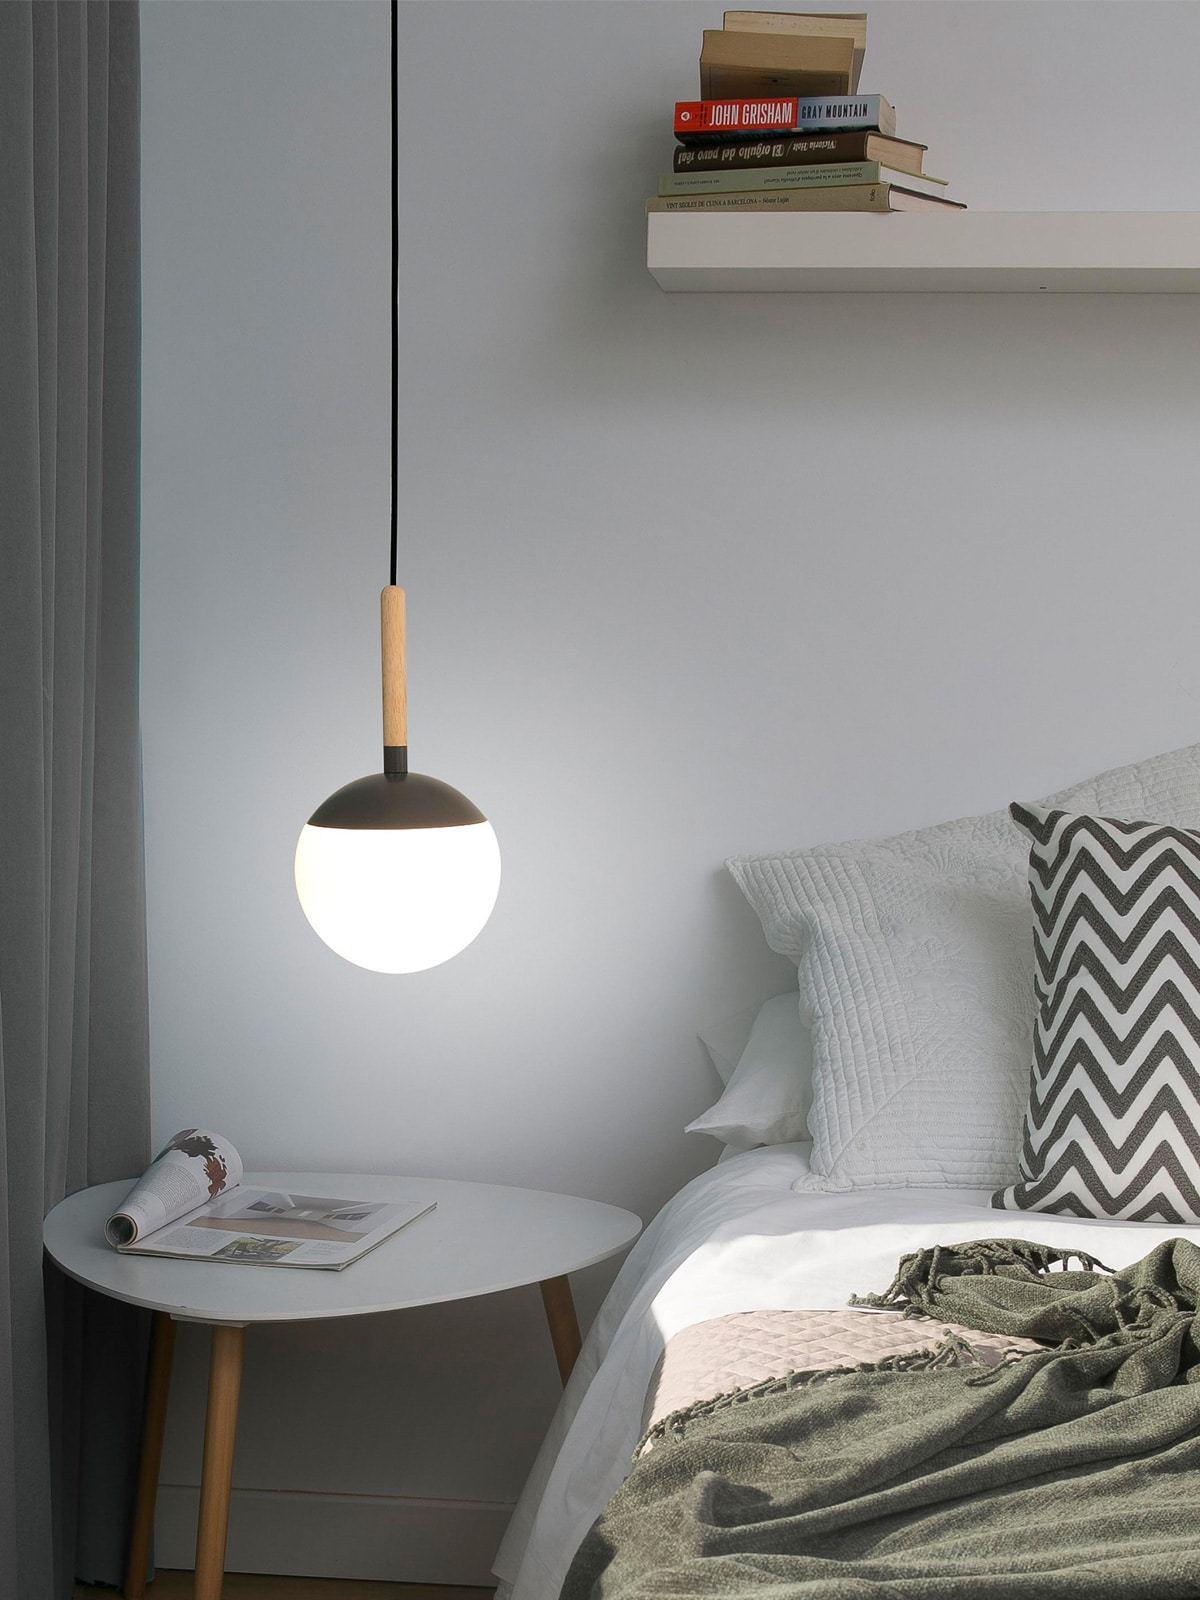 Lampe Versetzen Affenschaukel